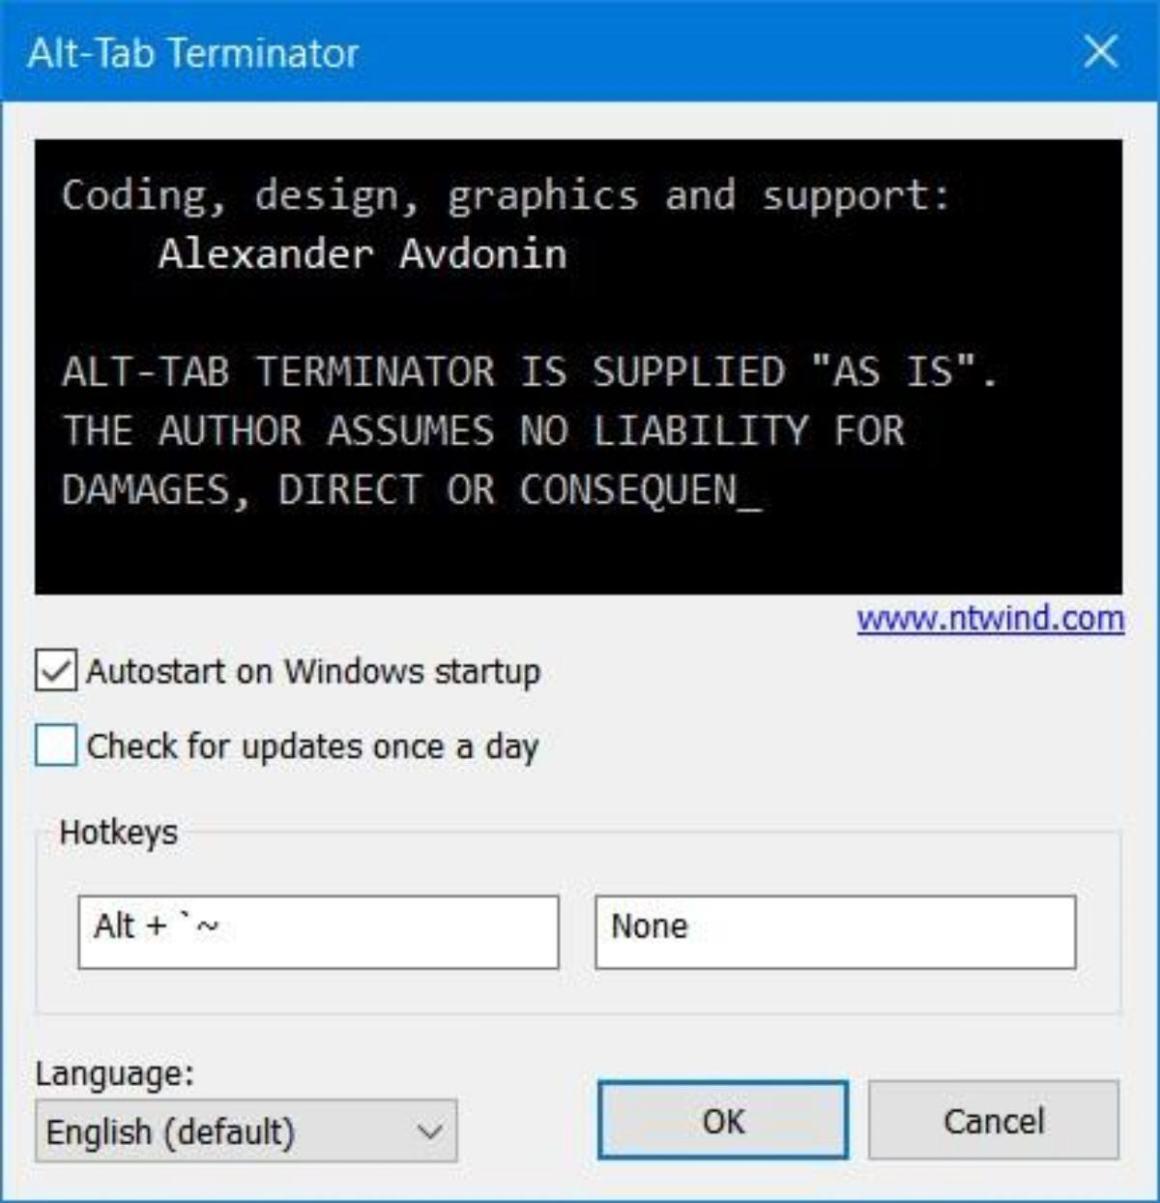 Установить горячие клавиши в Alt-Tab Terminator